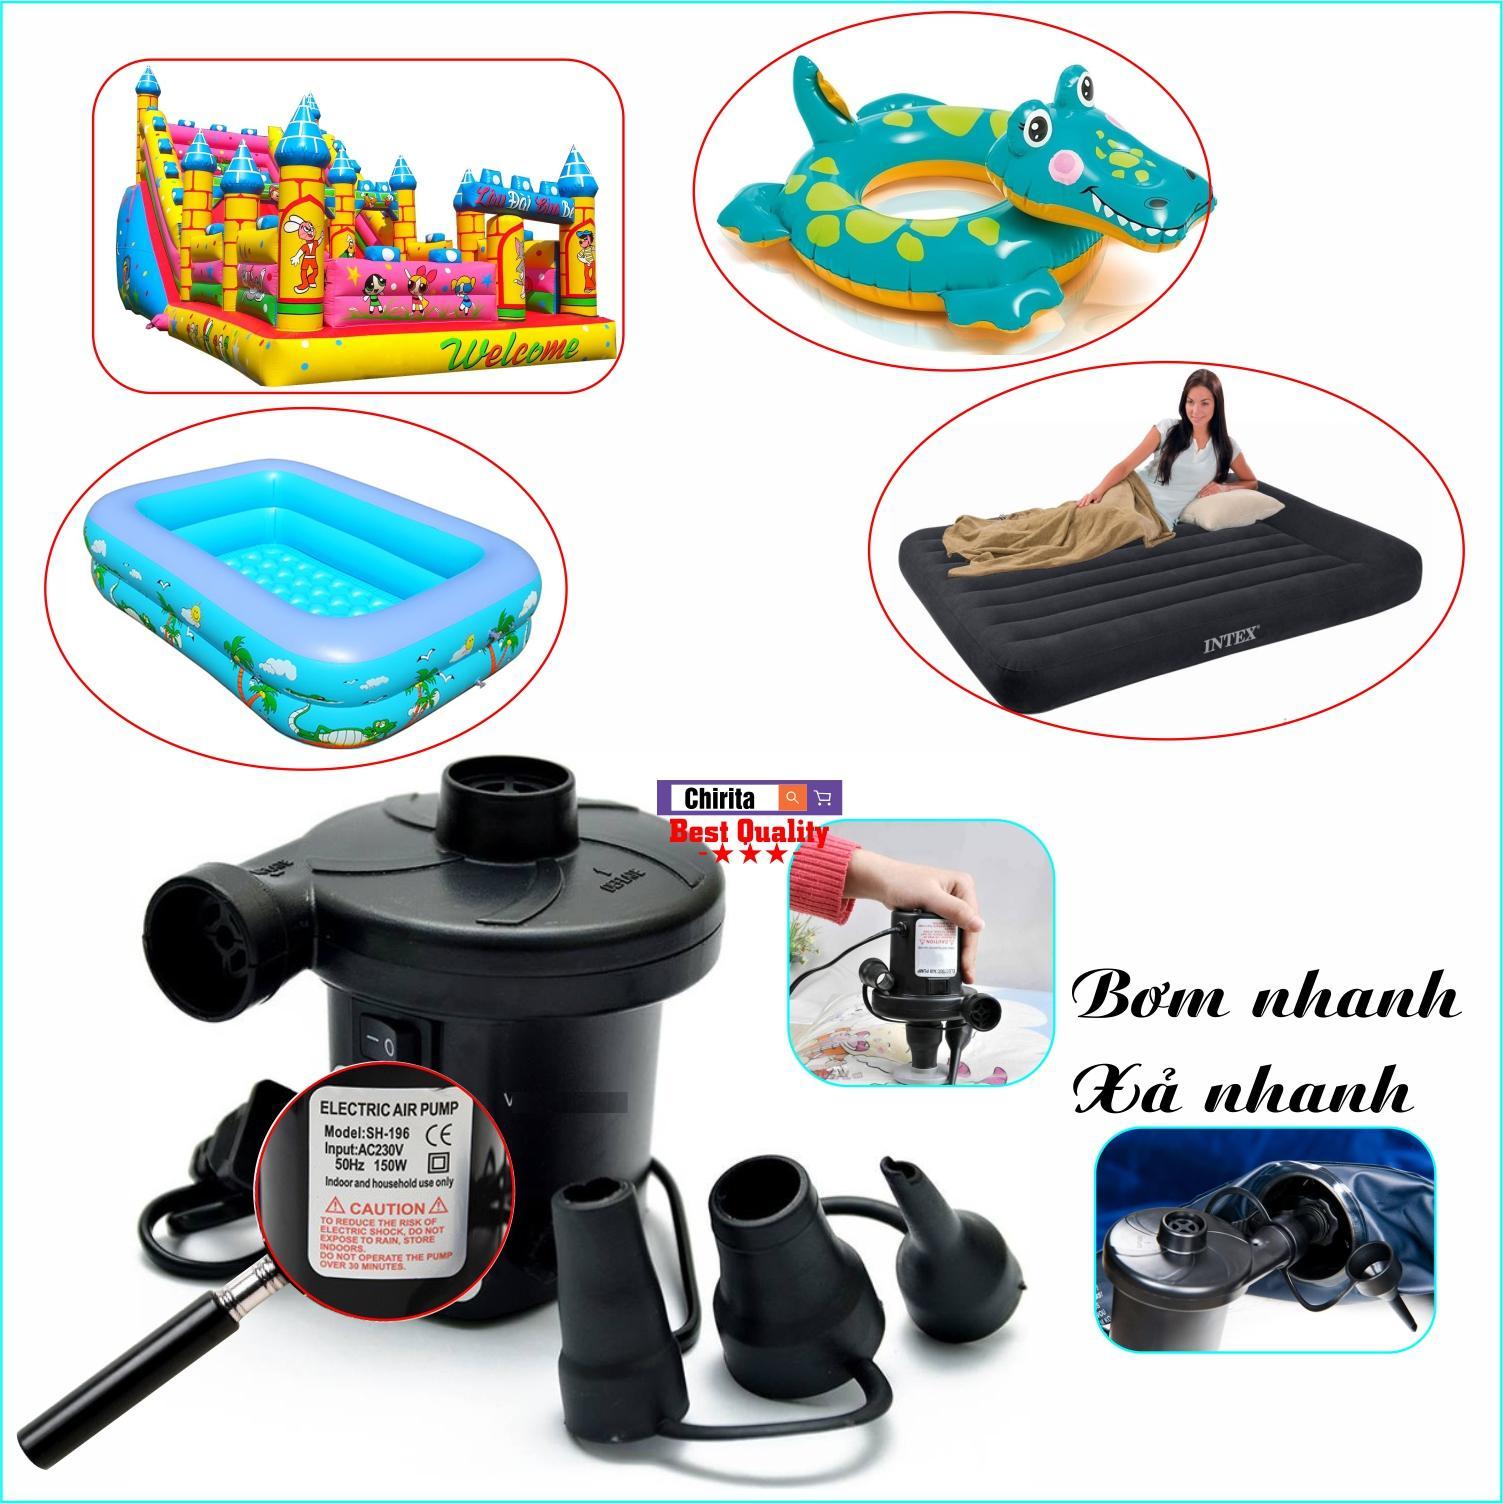 Máy Bơm Hút Điện Đa Năng SH-196 - Bơm Phao Bơi, Nhà Hơi, Nệm Hơi, Bể Bơi Phao... - Chirita  BPD01 Nhật Bản